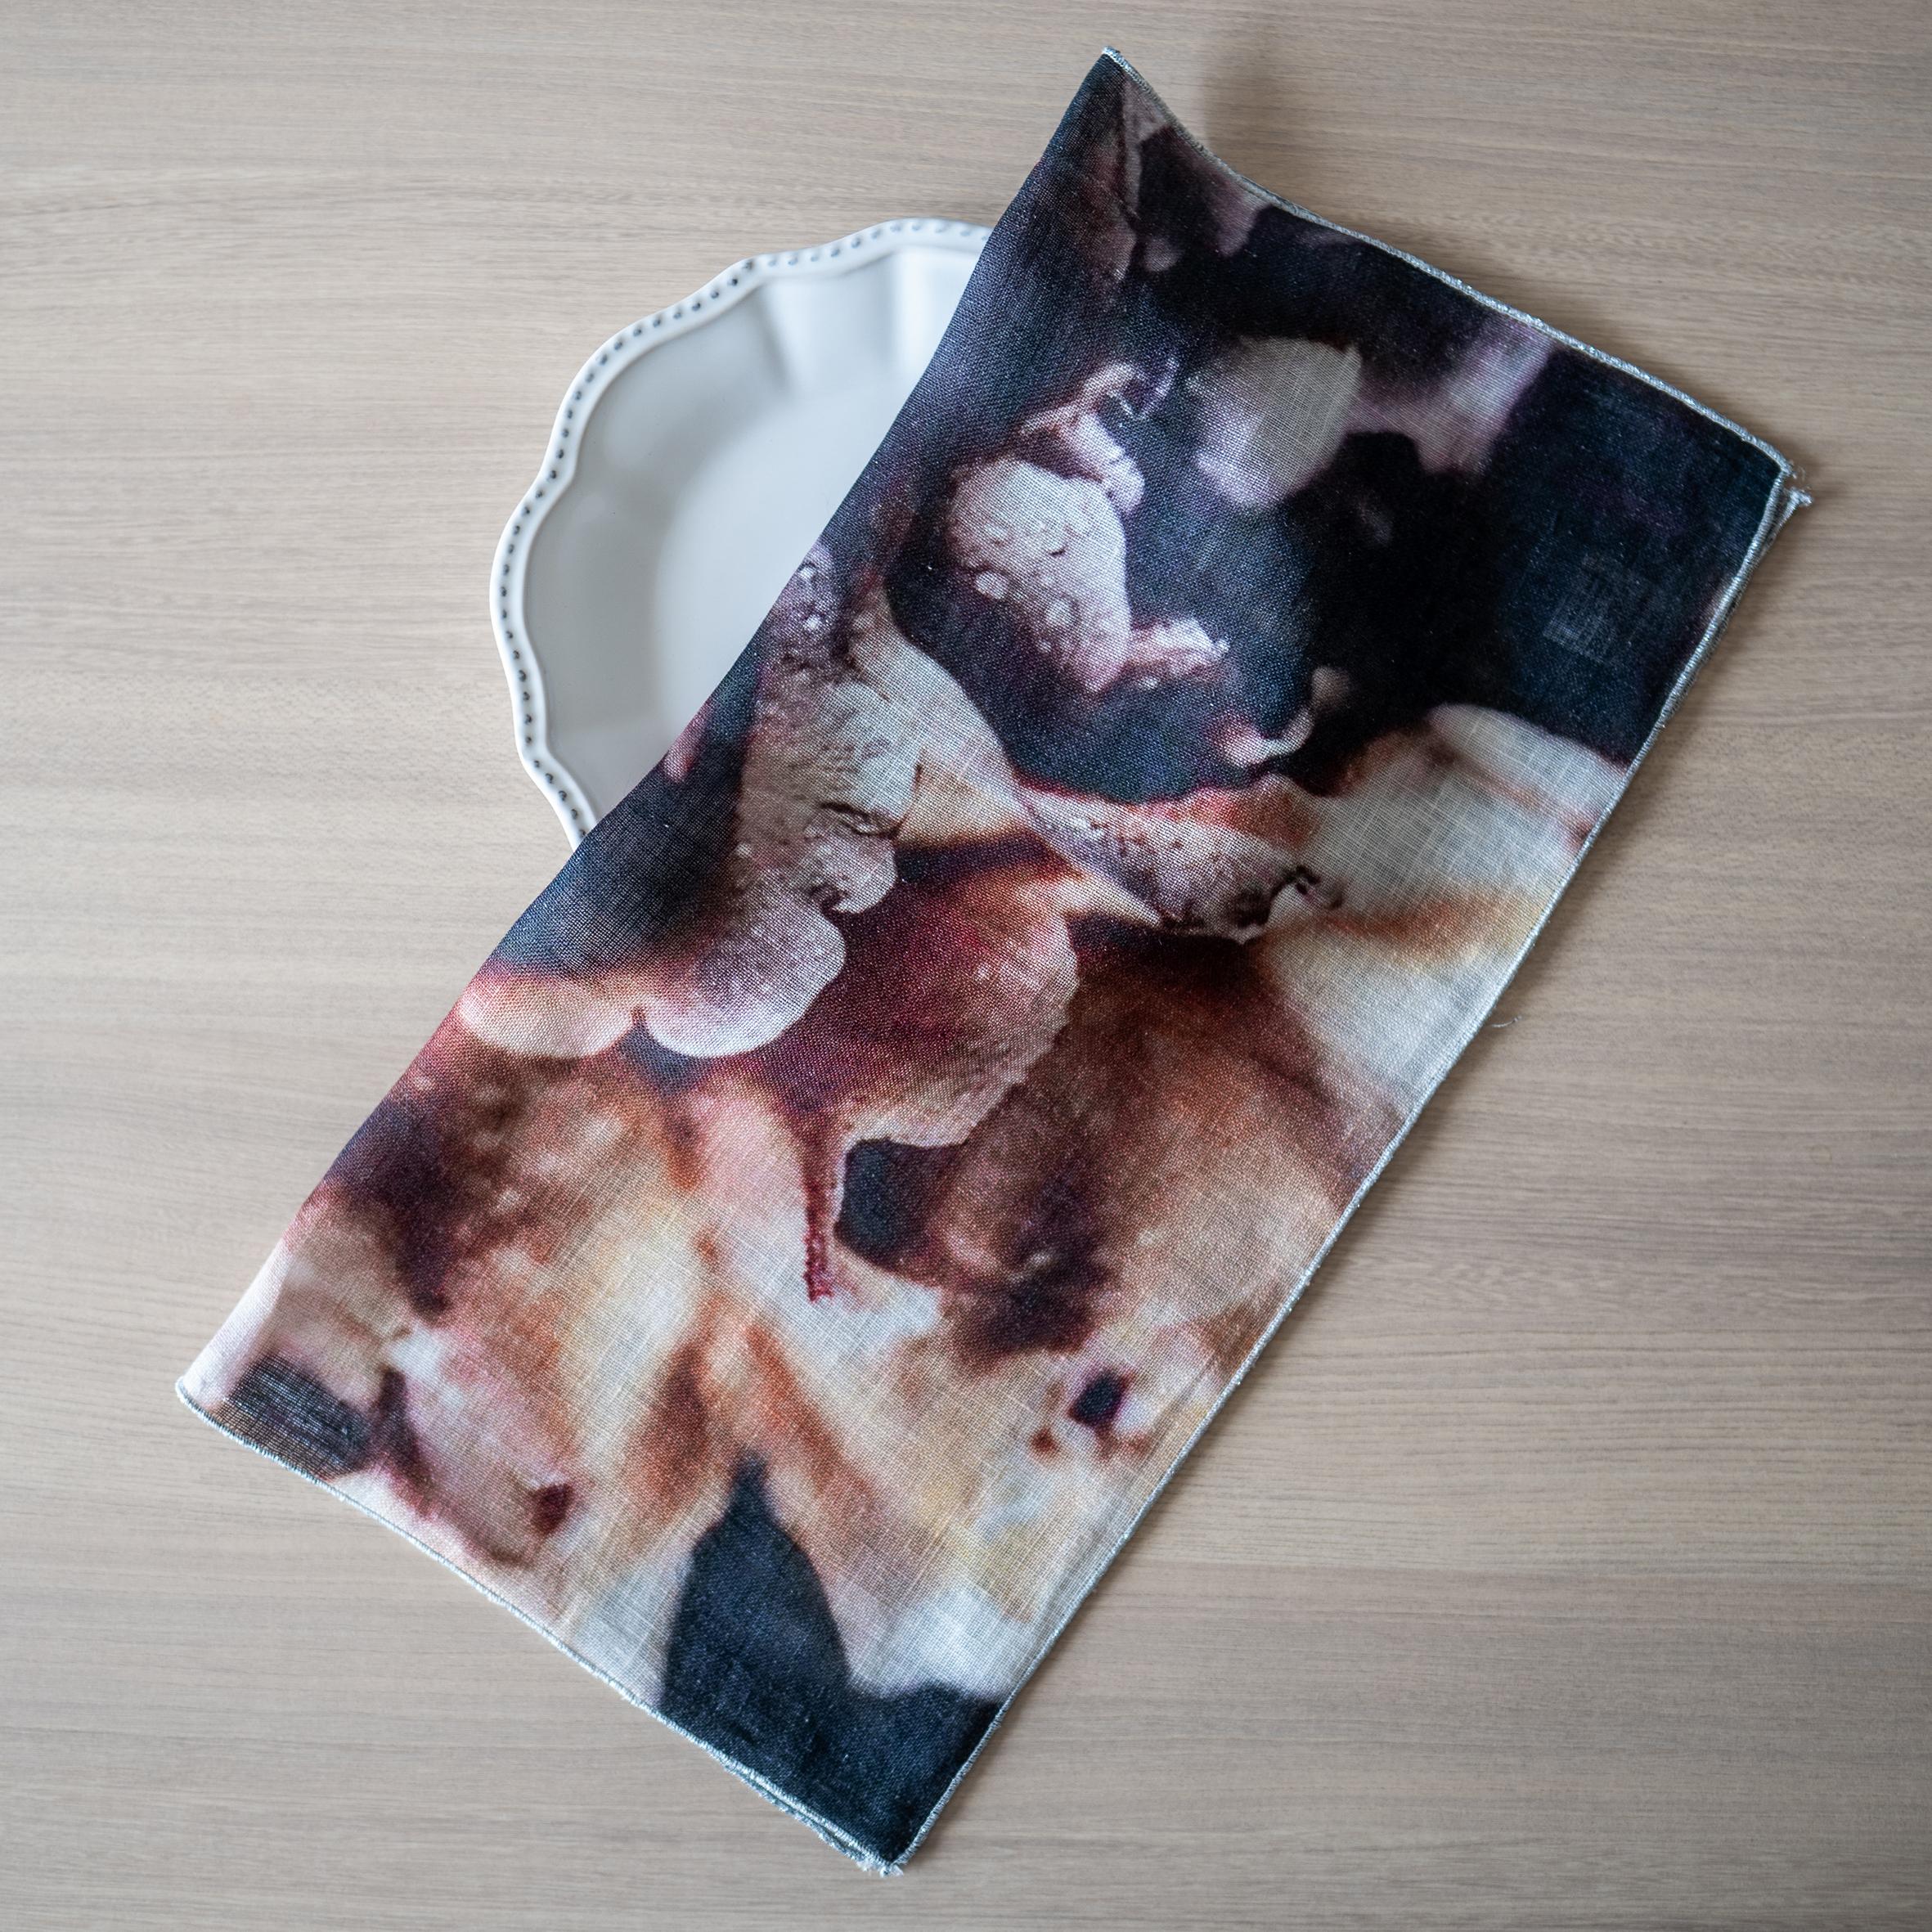 ボルゴ ピュアリネンガーゼナプキン - Petali Rugiada( BORGO Pure linen gauze napkin )